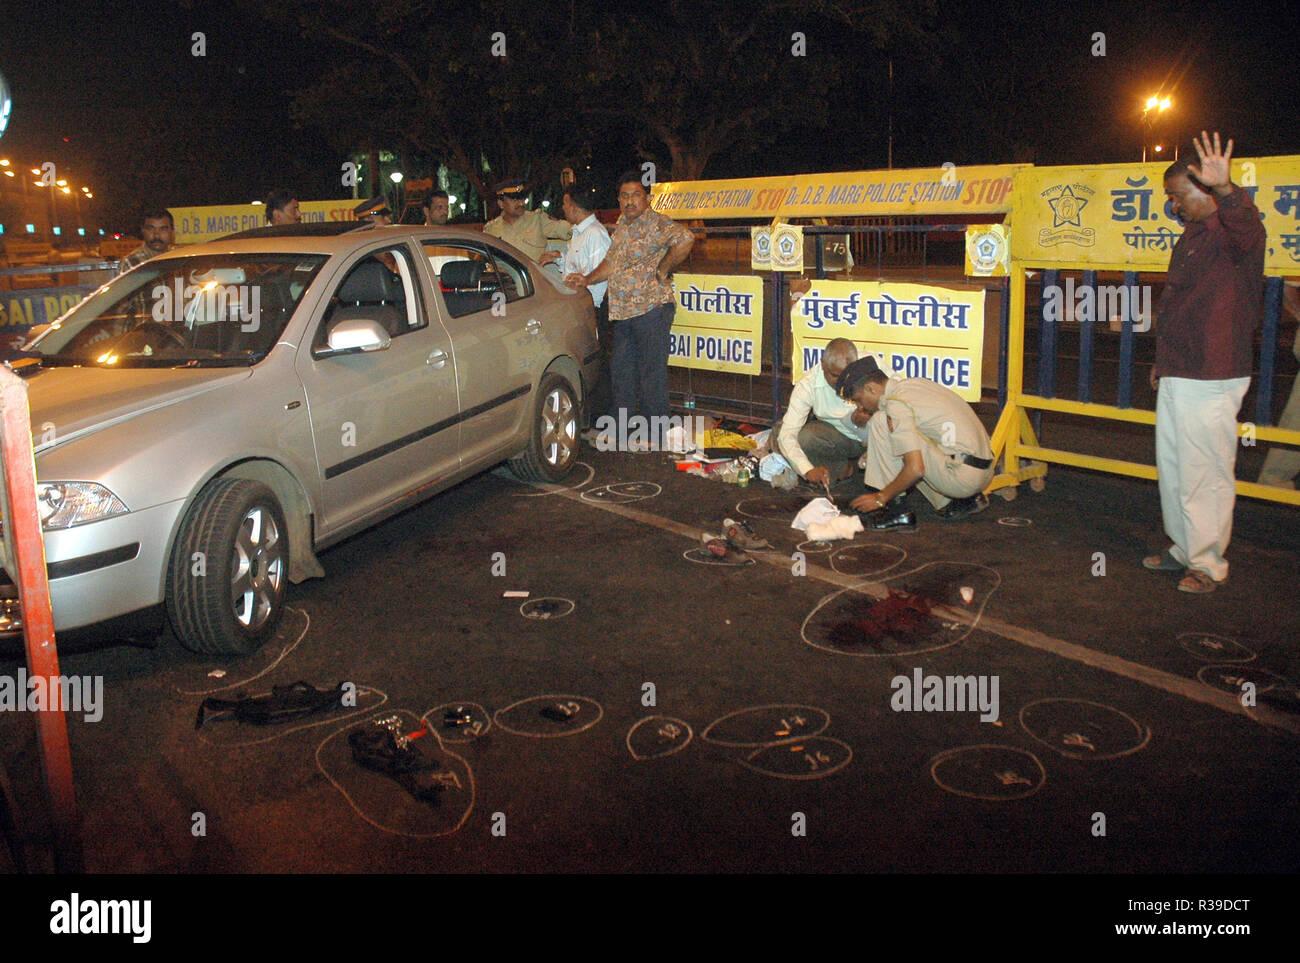 Marcas de bala en la carretera fuera del Hotel Taj Mahal en ataque terrorista por Deccan Muyahidín terroristas en Mumbai, India, el 27/11/2008. Los terroristas mataron a 100 personas y más de 200 heridos en una serie de ataques coordinados a través de la India?s del centro financiero de Mumbai como pistoleros fuertemente armados en grupos de dos a cuatro abrieron fuego con armas automáticas y granadas lobbed en 10 lugares en el sur de Mumbai, incluidos los cinco estrellas hoteles Taj y Trident, la ciudad?s terminal principal de trenes, un hospital, una cafetería, un pub y una sala de cine. Foto: Dinodia (c) dpa - Report | uso en todo el mundo Foto de stock